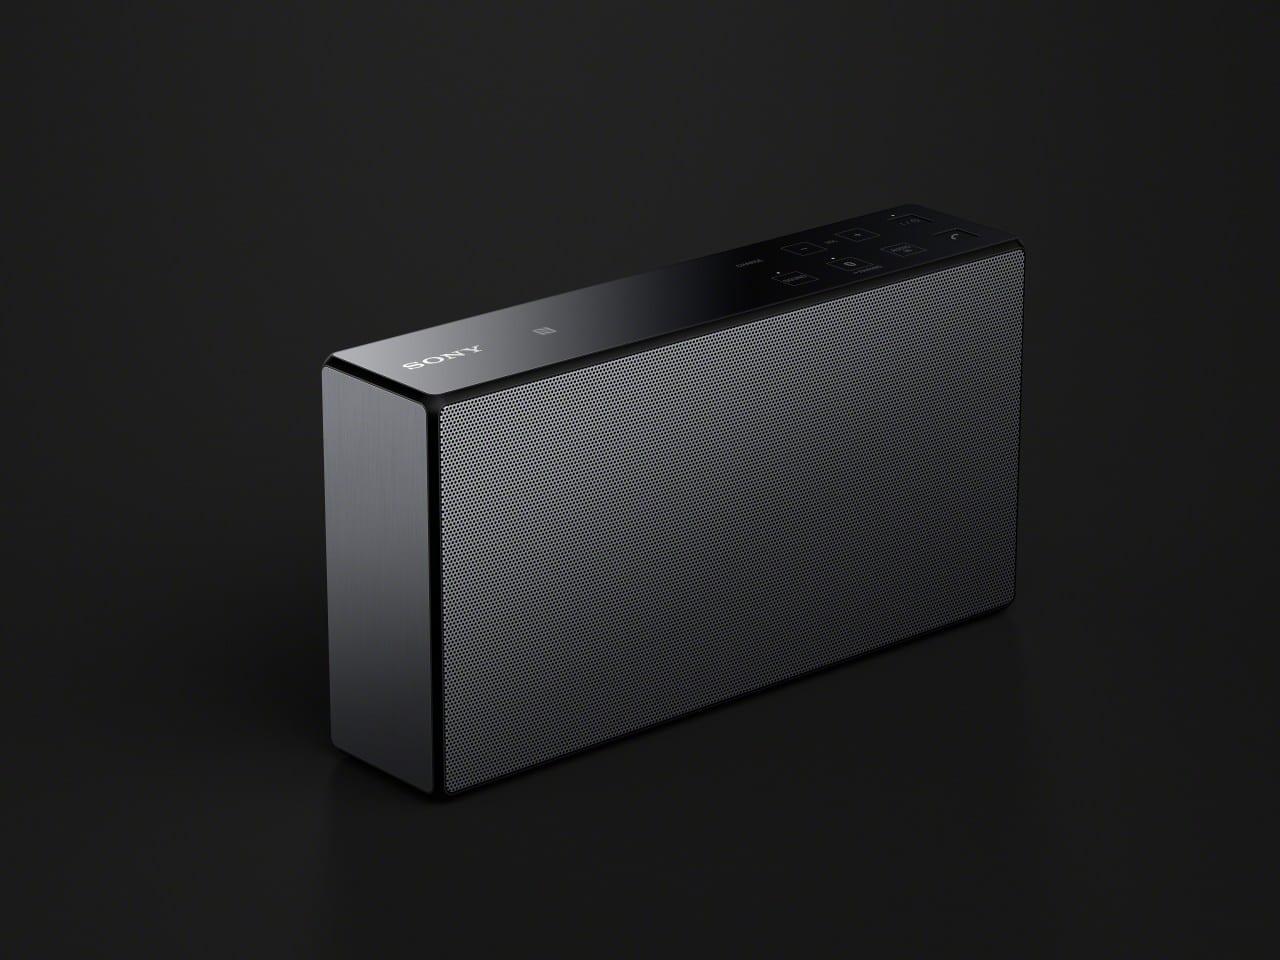 Νέα φορητά ασύρματα ηχεία από τη Sony  –  δώστε ισχύ στη μουσική σας…